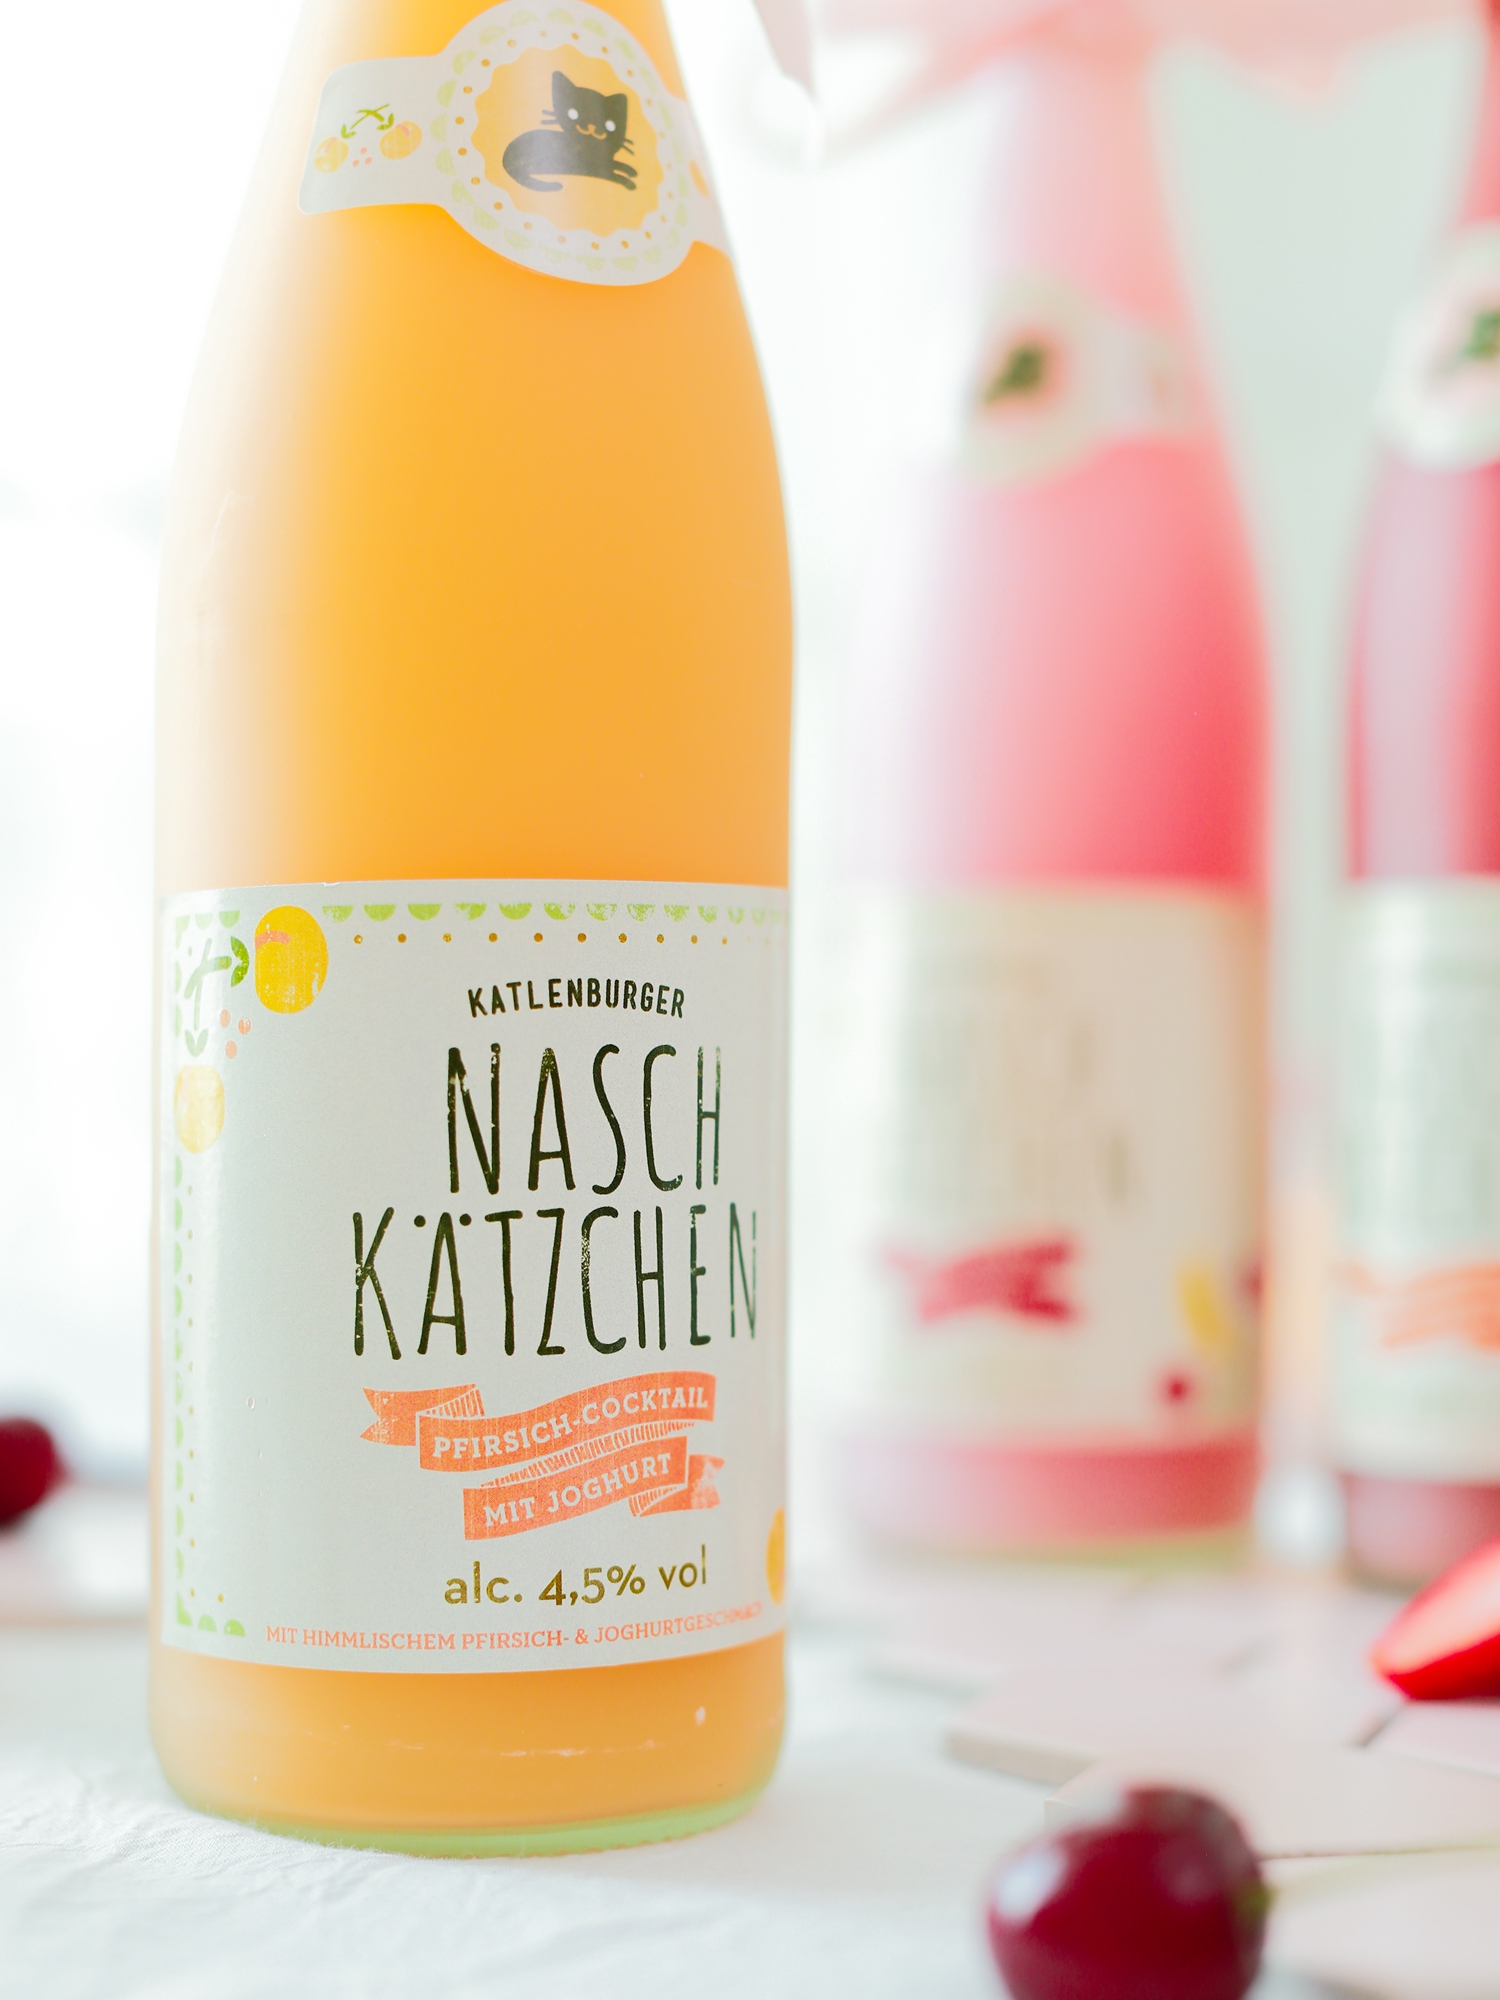 少女甜酒葡萄酒 INS 网红德国进口桃子果汁鸡尾酒 超好喝颜值高